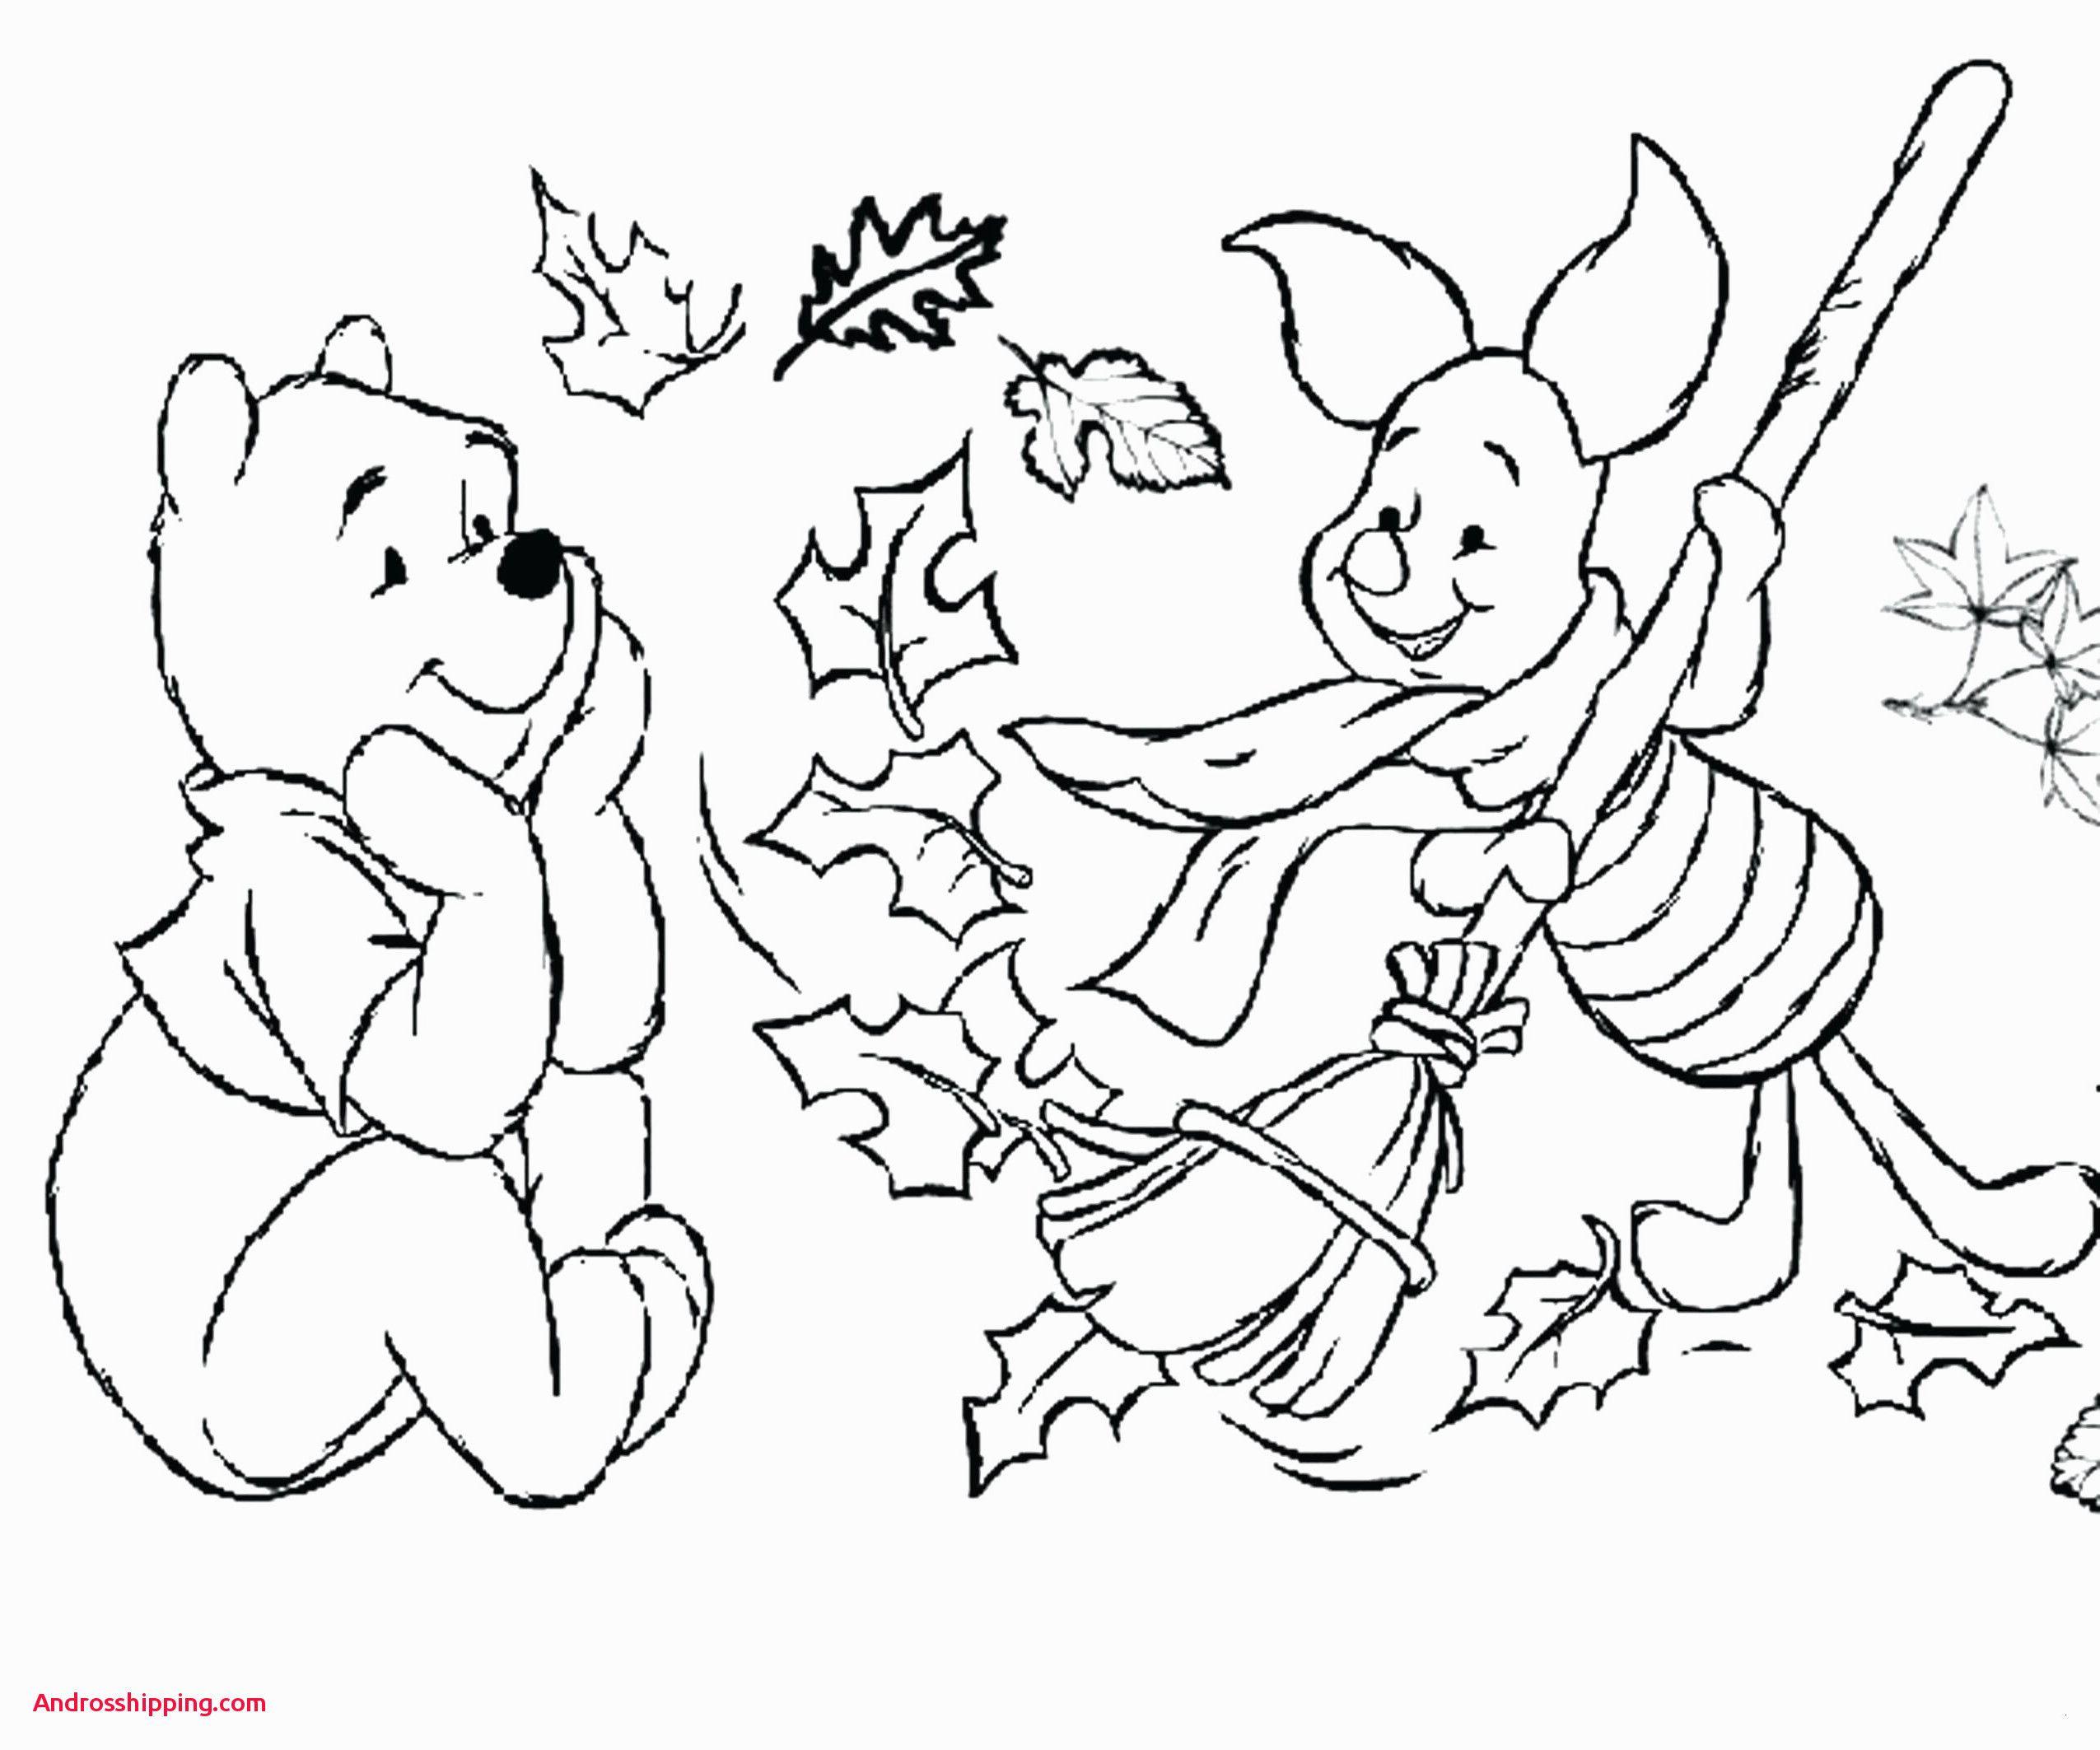 Elena Von Avalor Ausmalbilder Malvorlagen Von Jesus Edel Rio Ausmalbilder Neu Bugatti White Di Herbst Ausmalvorlagen Malvorlagen Tiere Malvorlagen Halloween